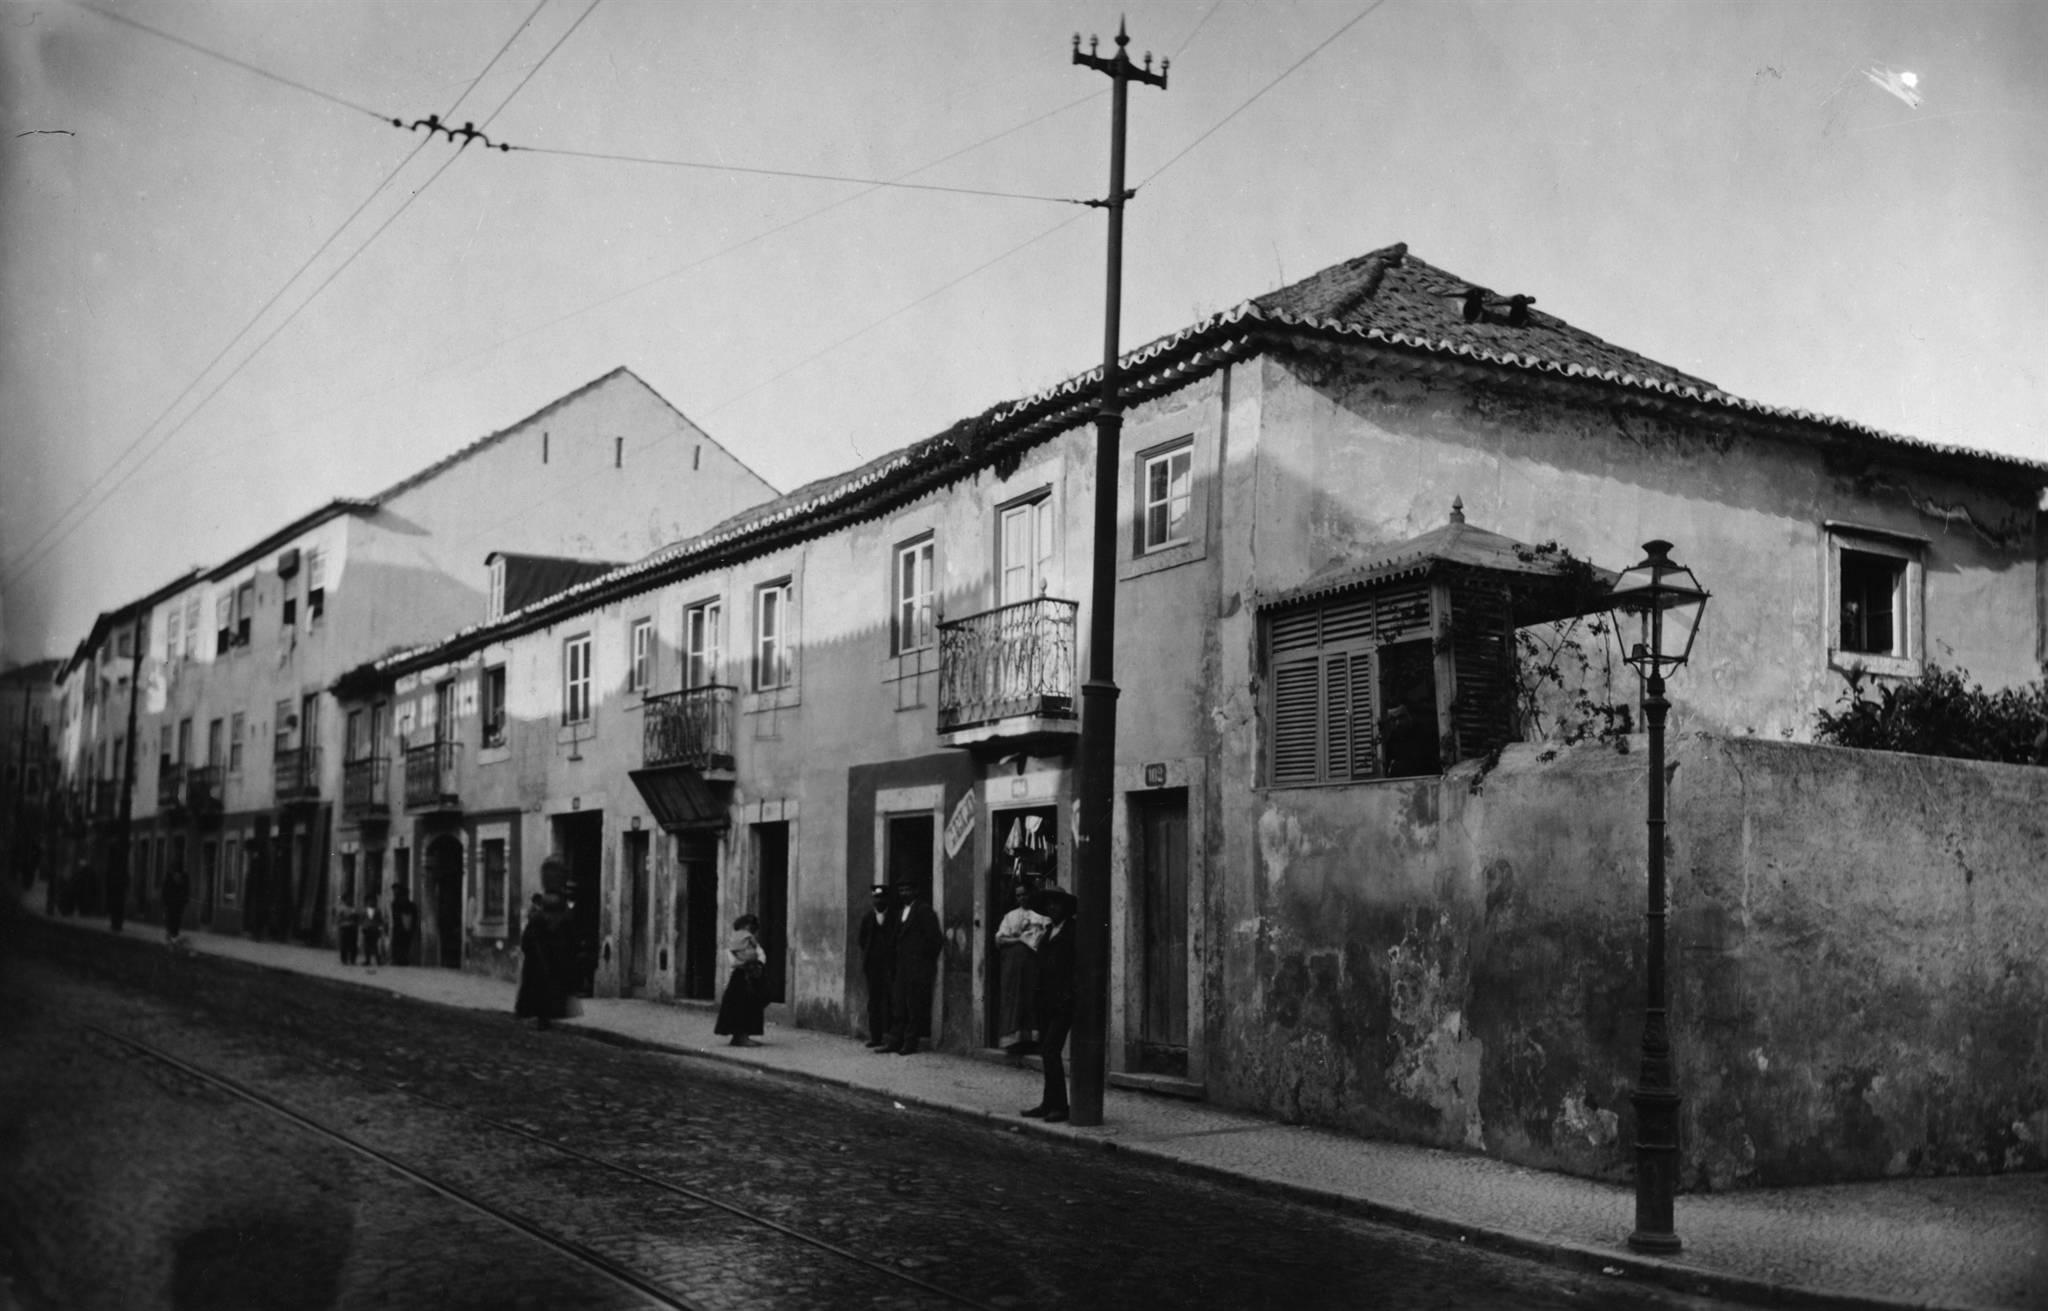 Pátio dos Ourives -- Rua de Arroios, 102-116, c. 1902.